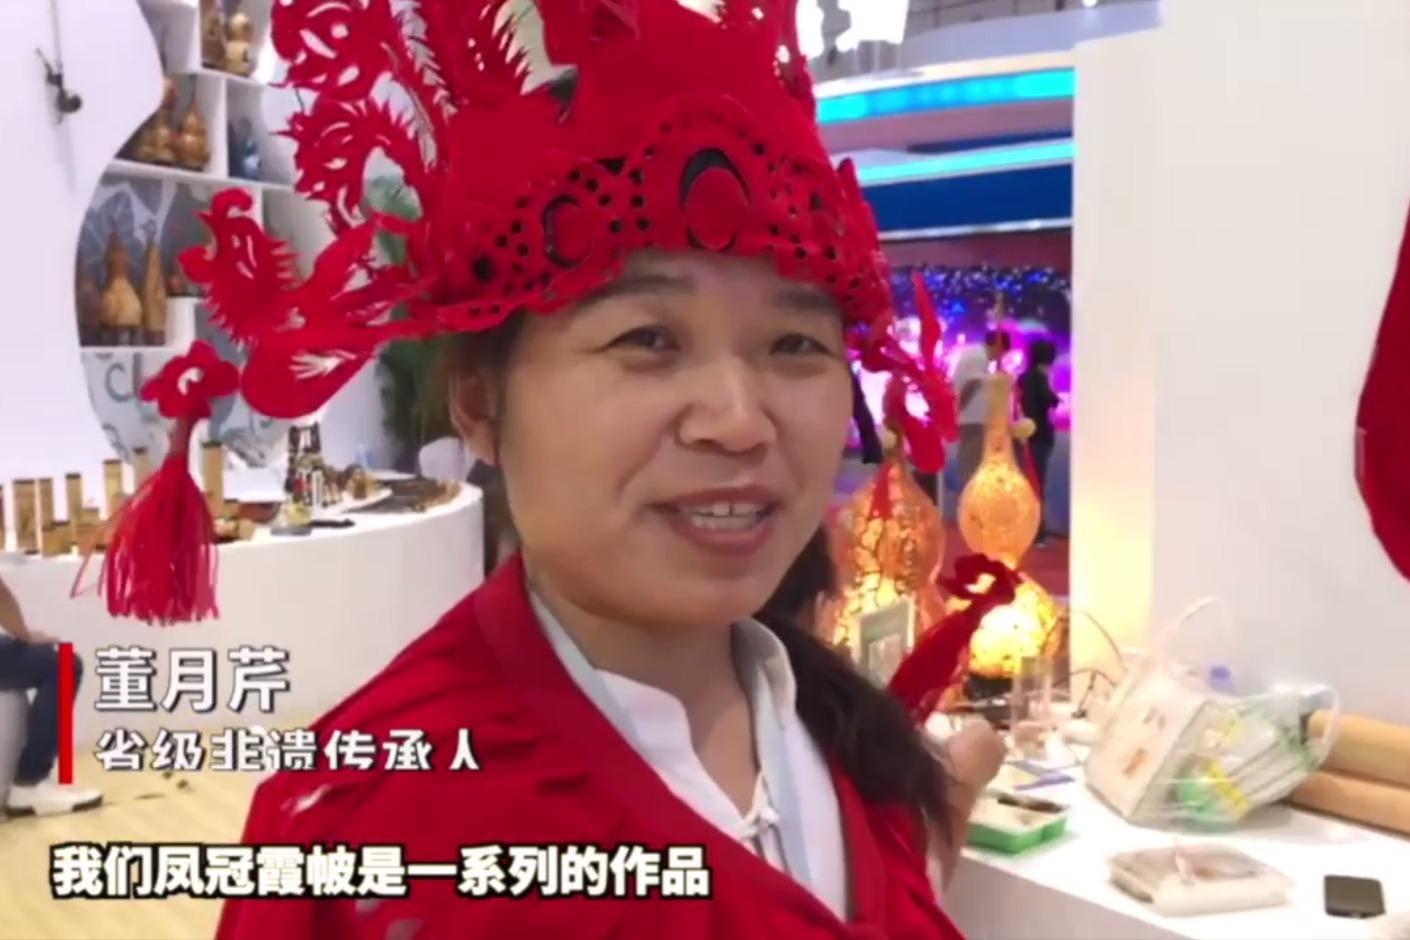 """果然视频 文旅博览会上,这件剪纸版""""凤冠霞帔""""成吸睛爆款"""